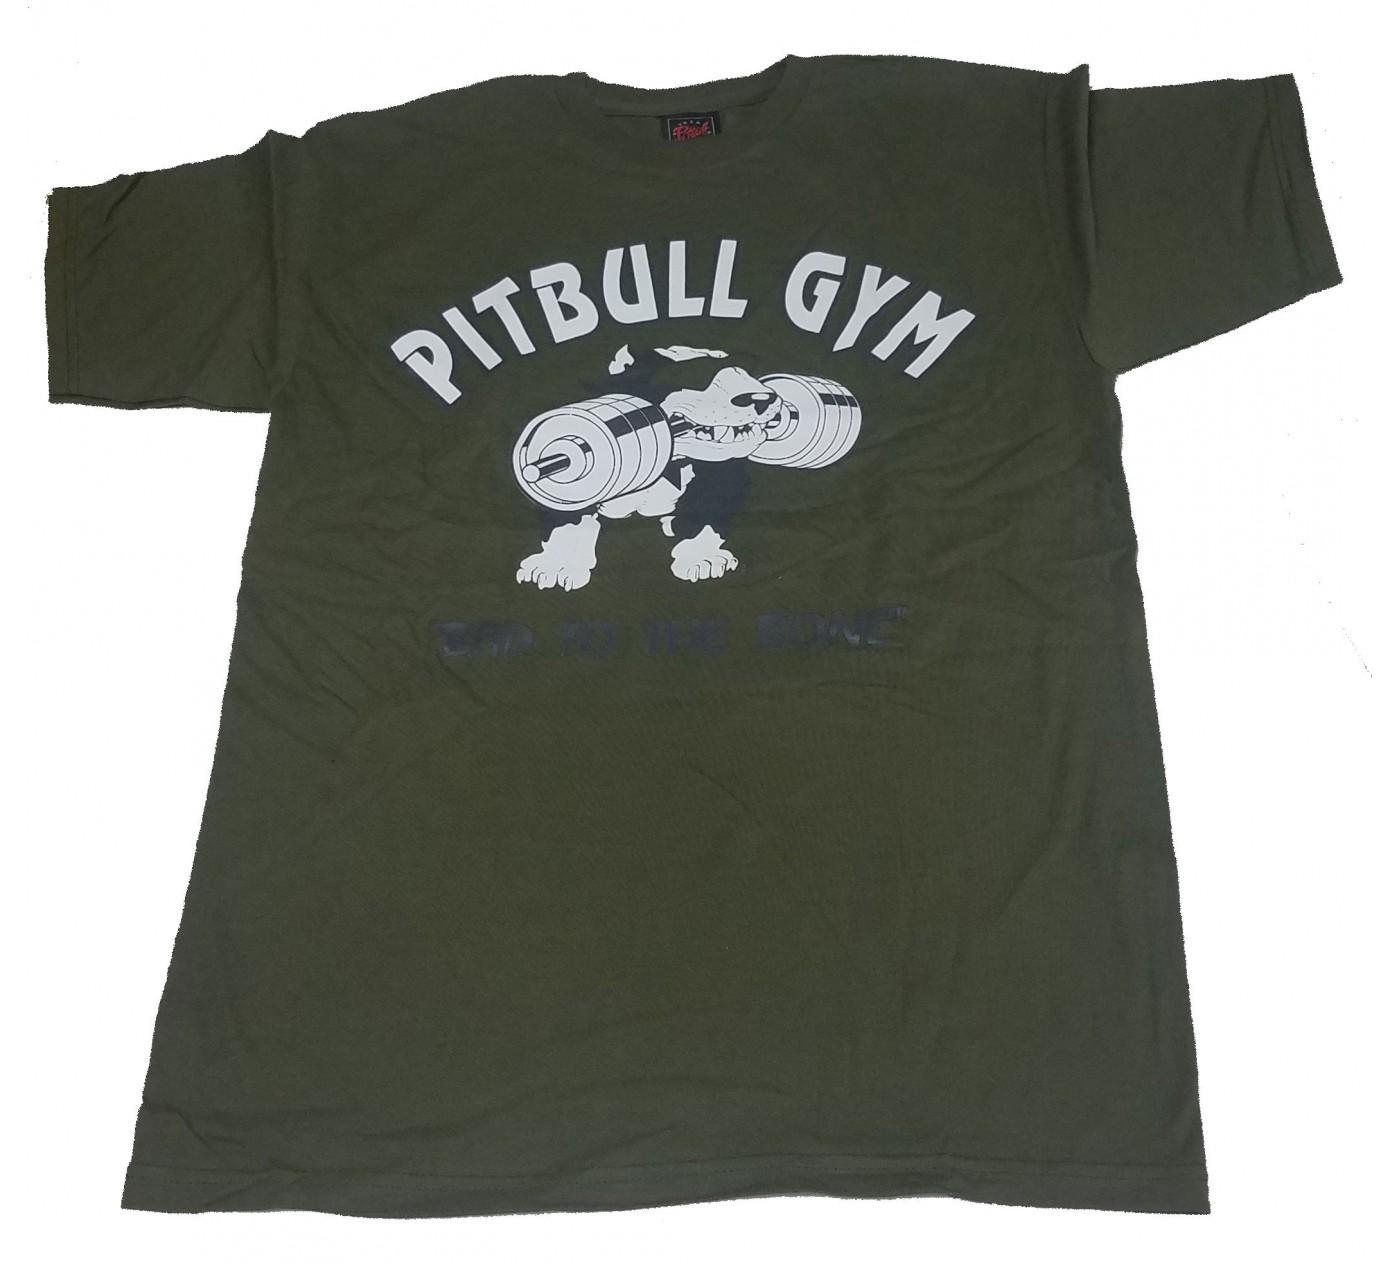 पिटबुल लोगो आर्मी शर्ट